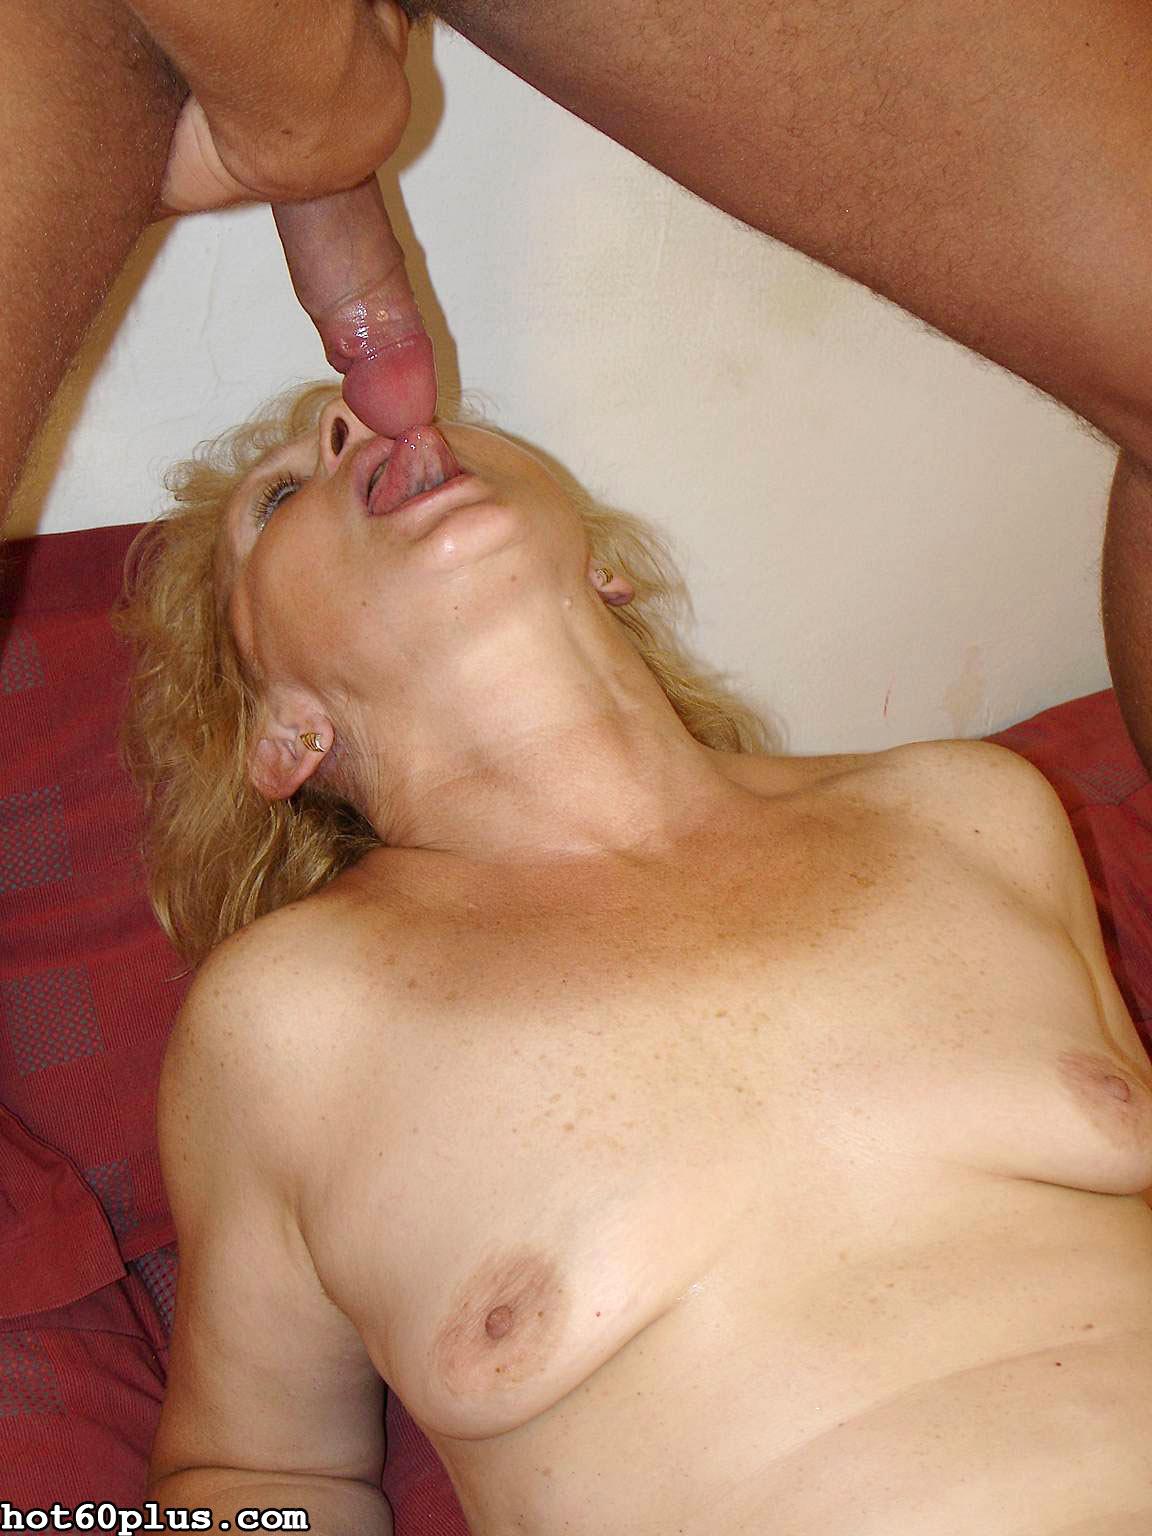 Снимки про инцест с матушкой. Фото - 12